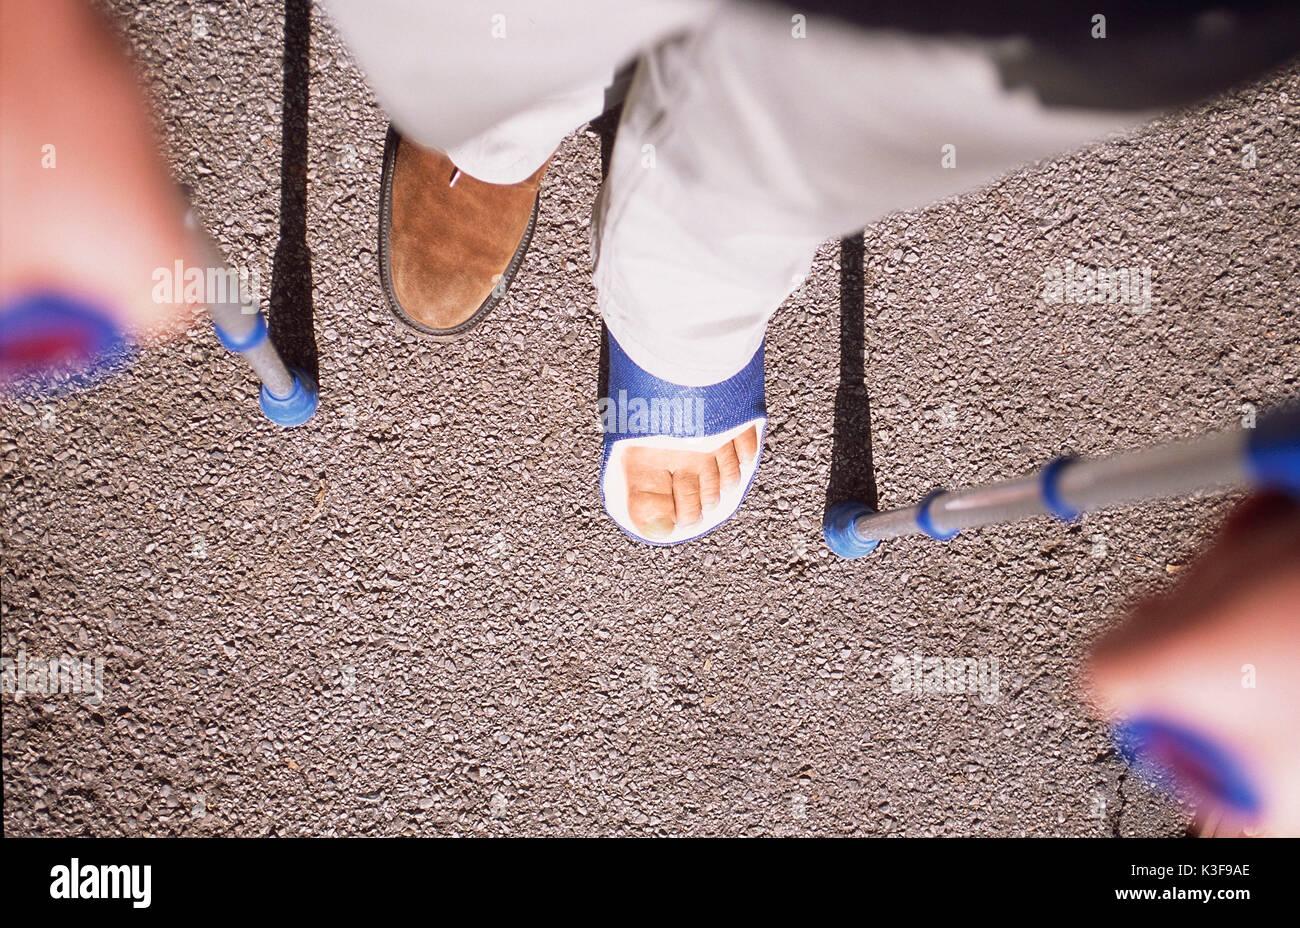 Gips Bein Stockfotos und -bilder Kaufen - Alamy